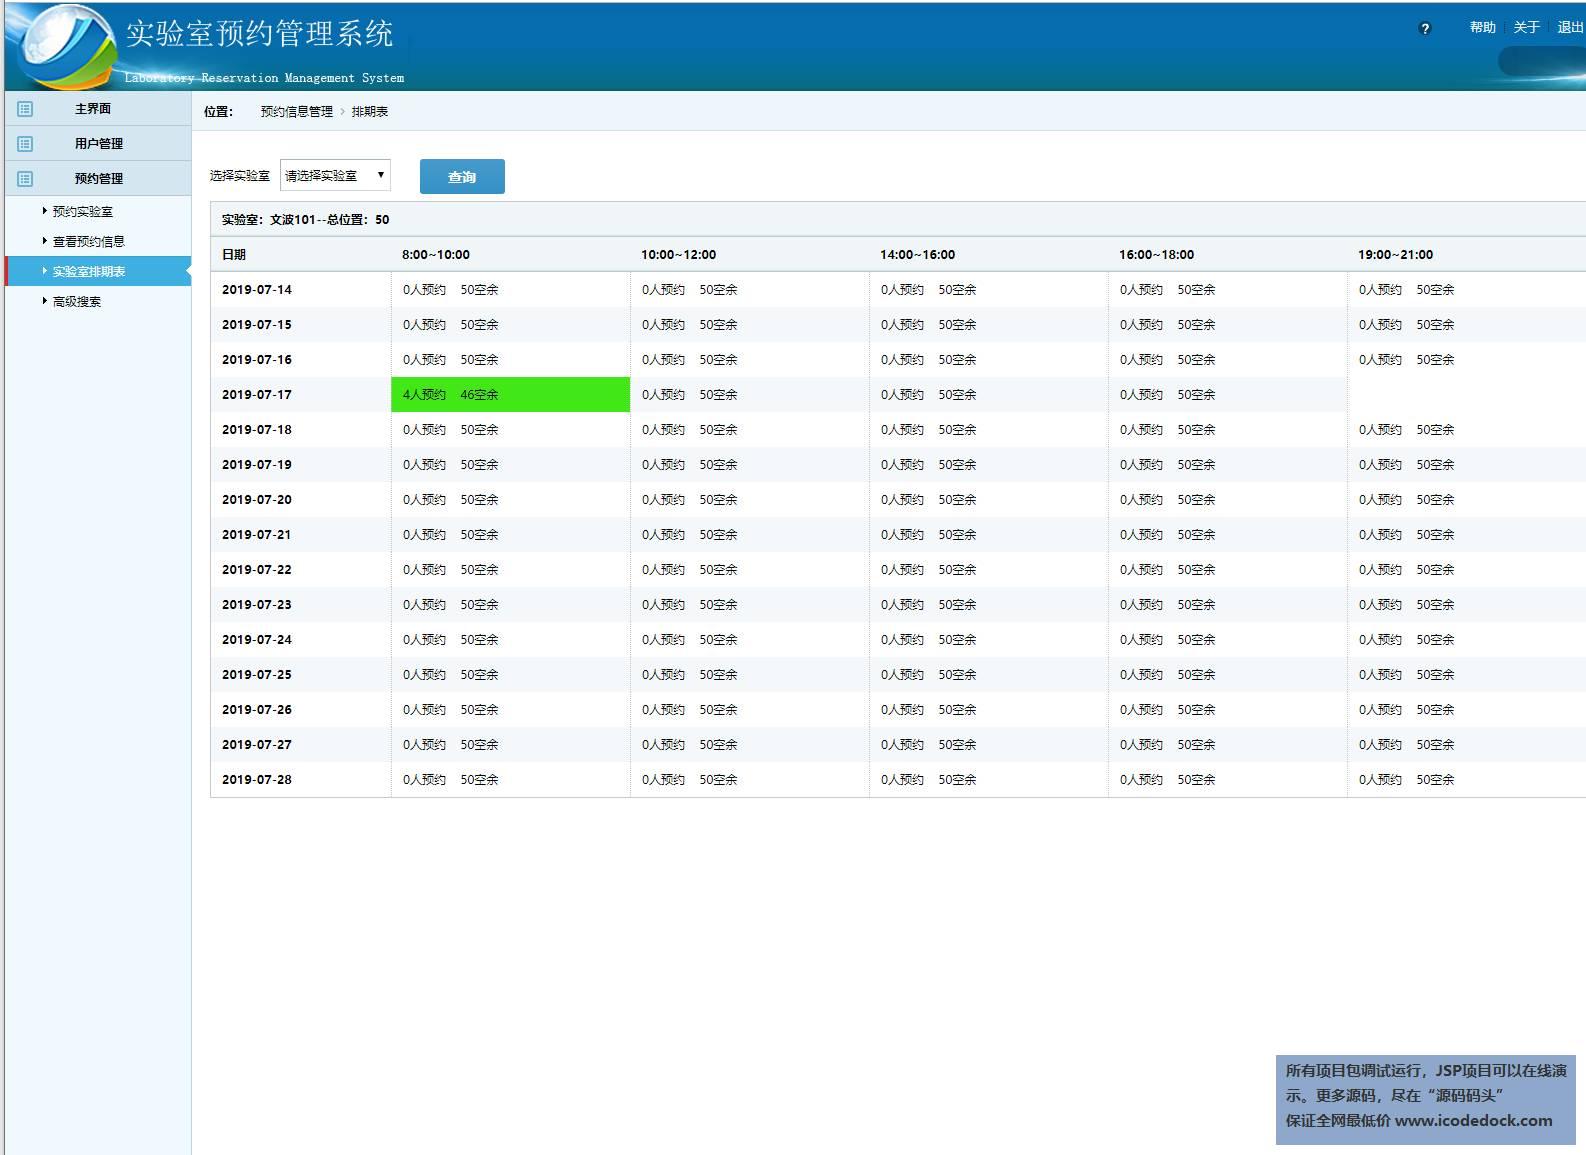 源码码头-SSH实验室预约管理系统-学生角色-查看实验室排课表